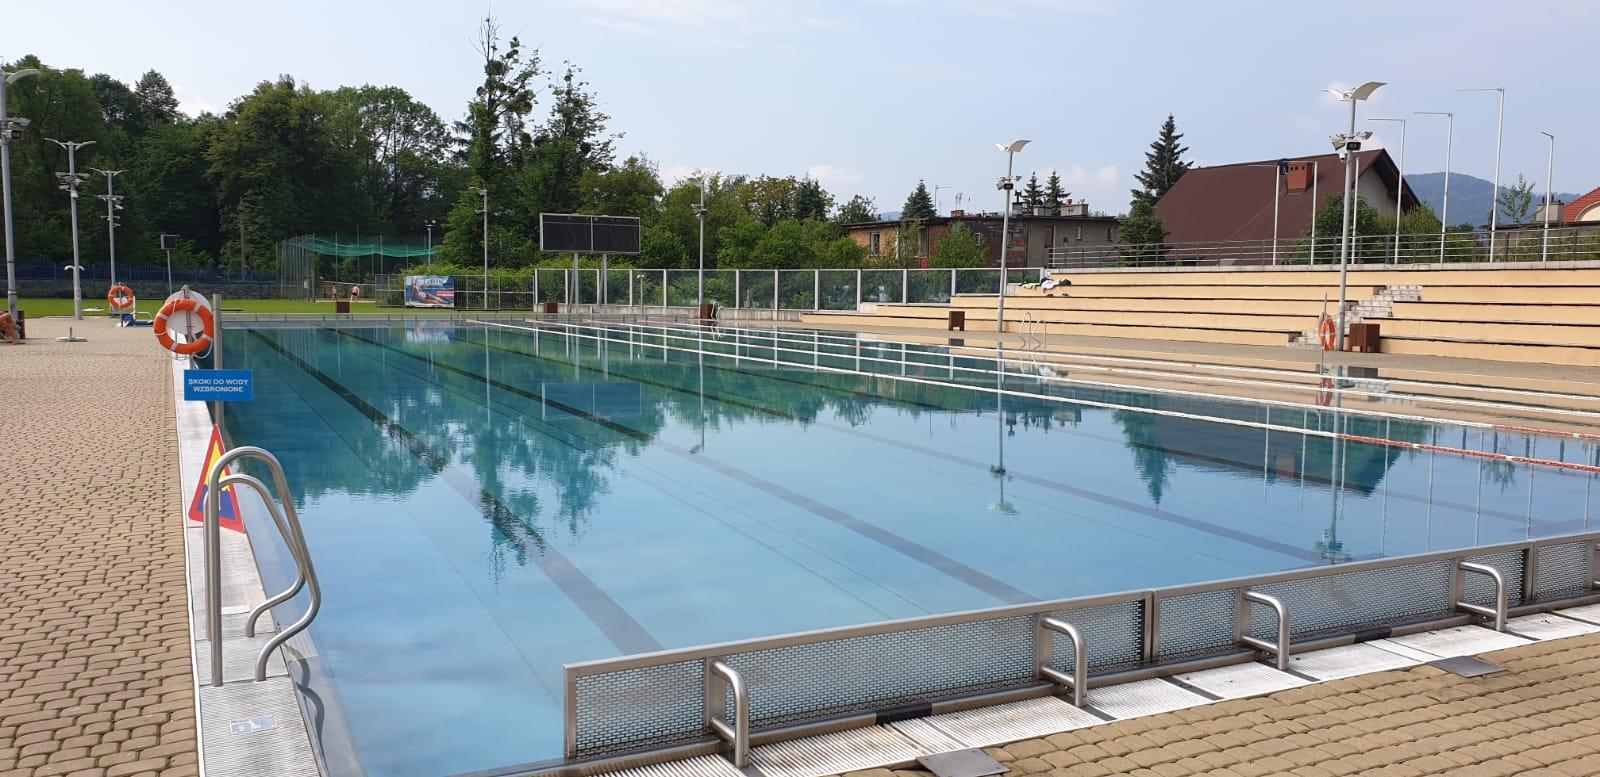 Ostatnie dni na basenie w Andrychowie